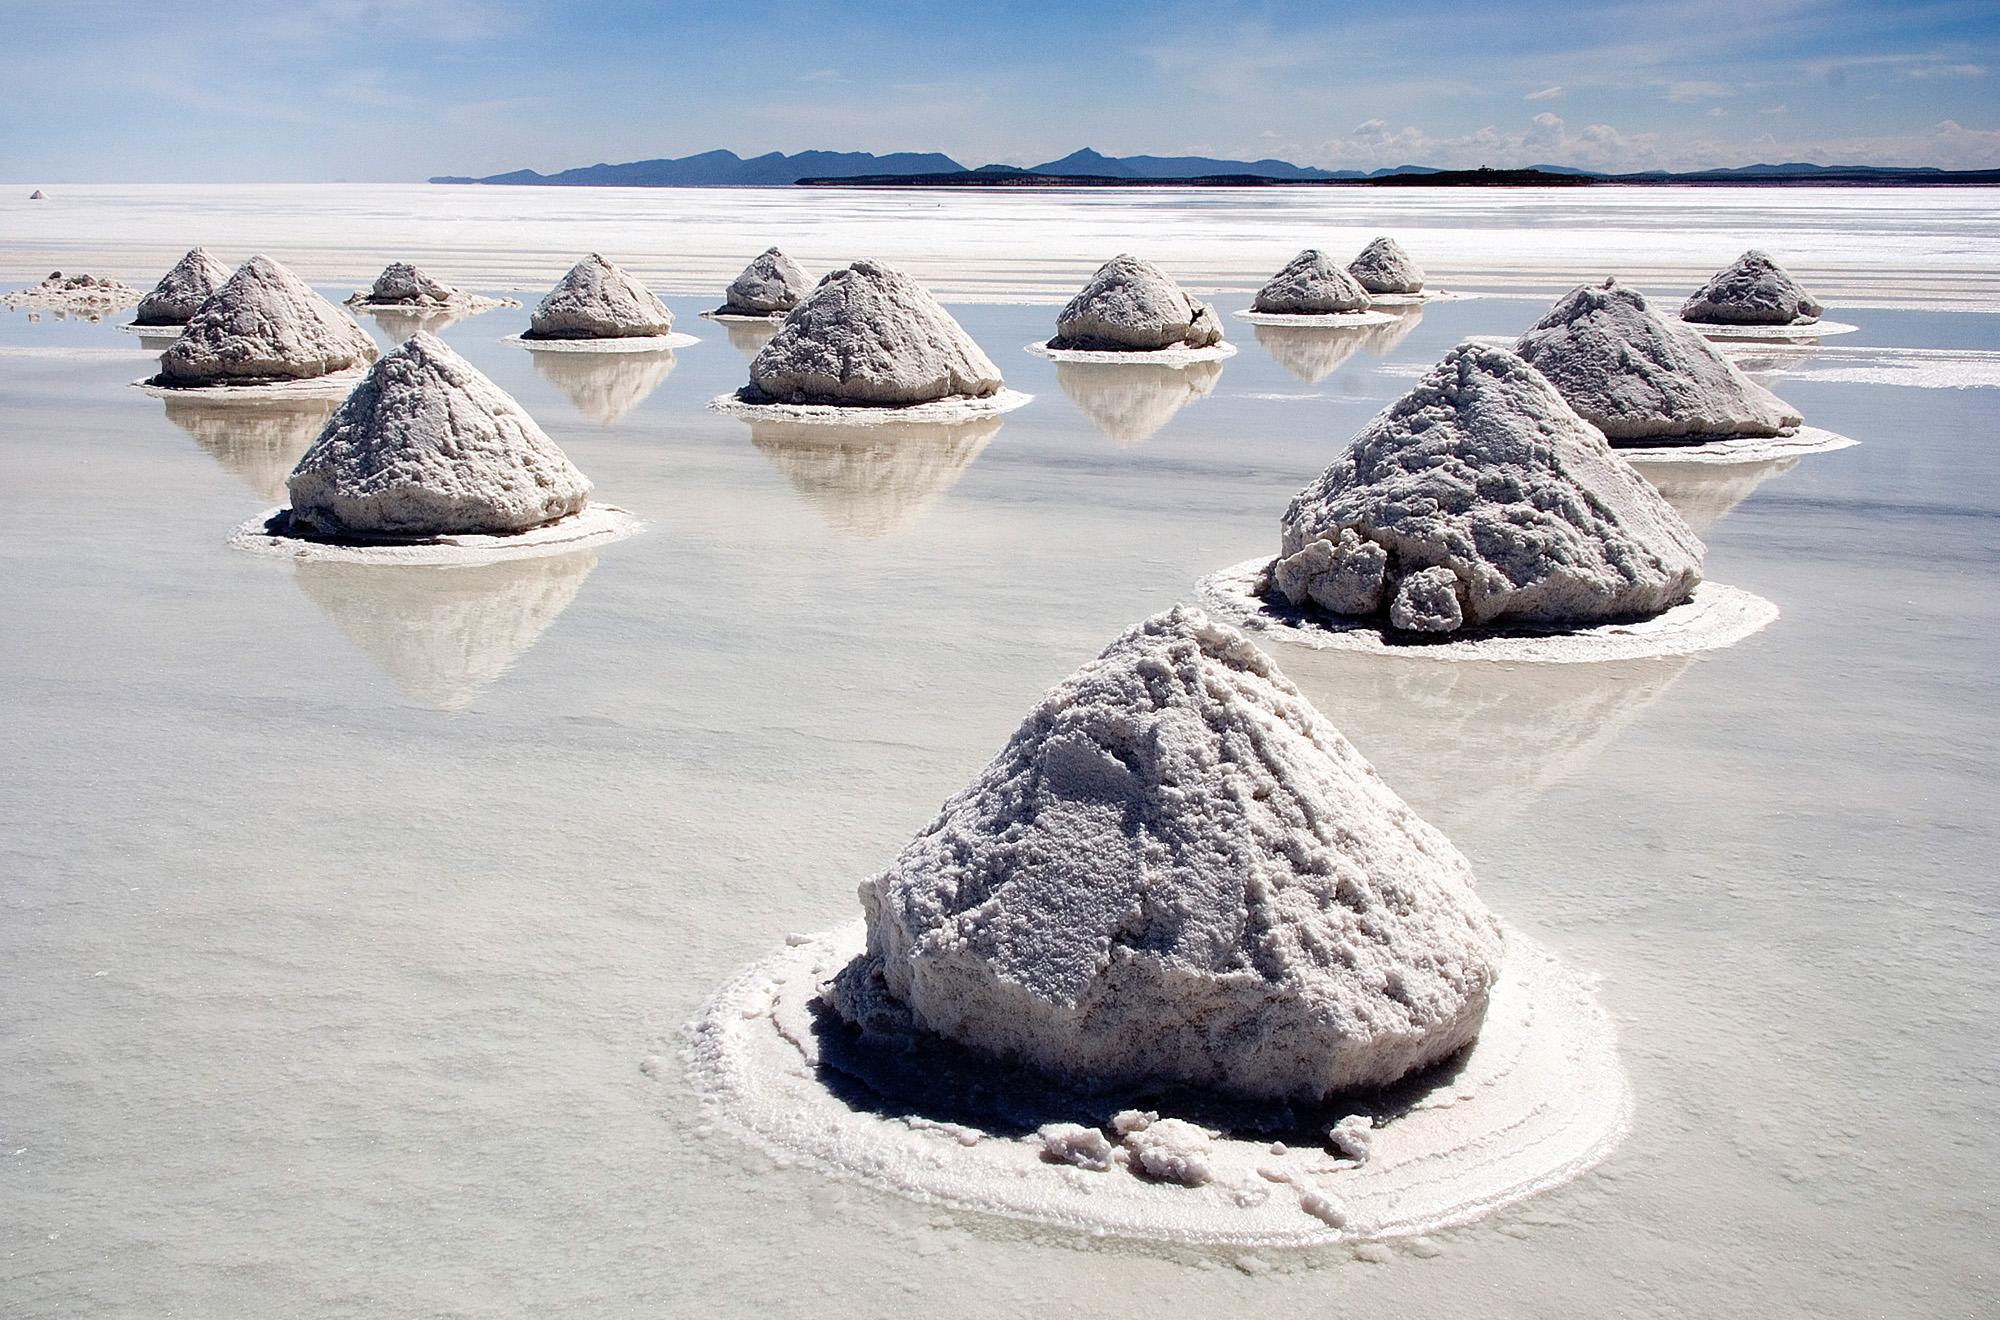 La sal es la única especie de rocas que se come regularmente en la raza humana.